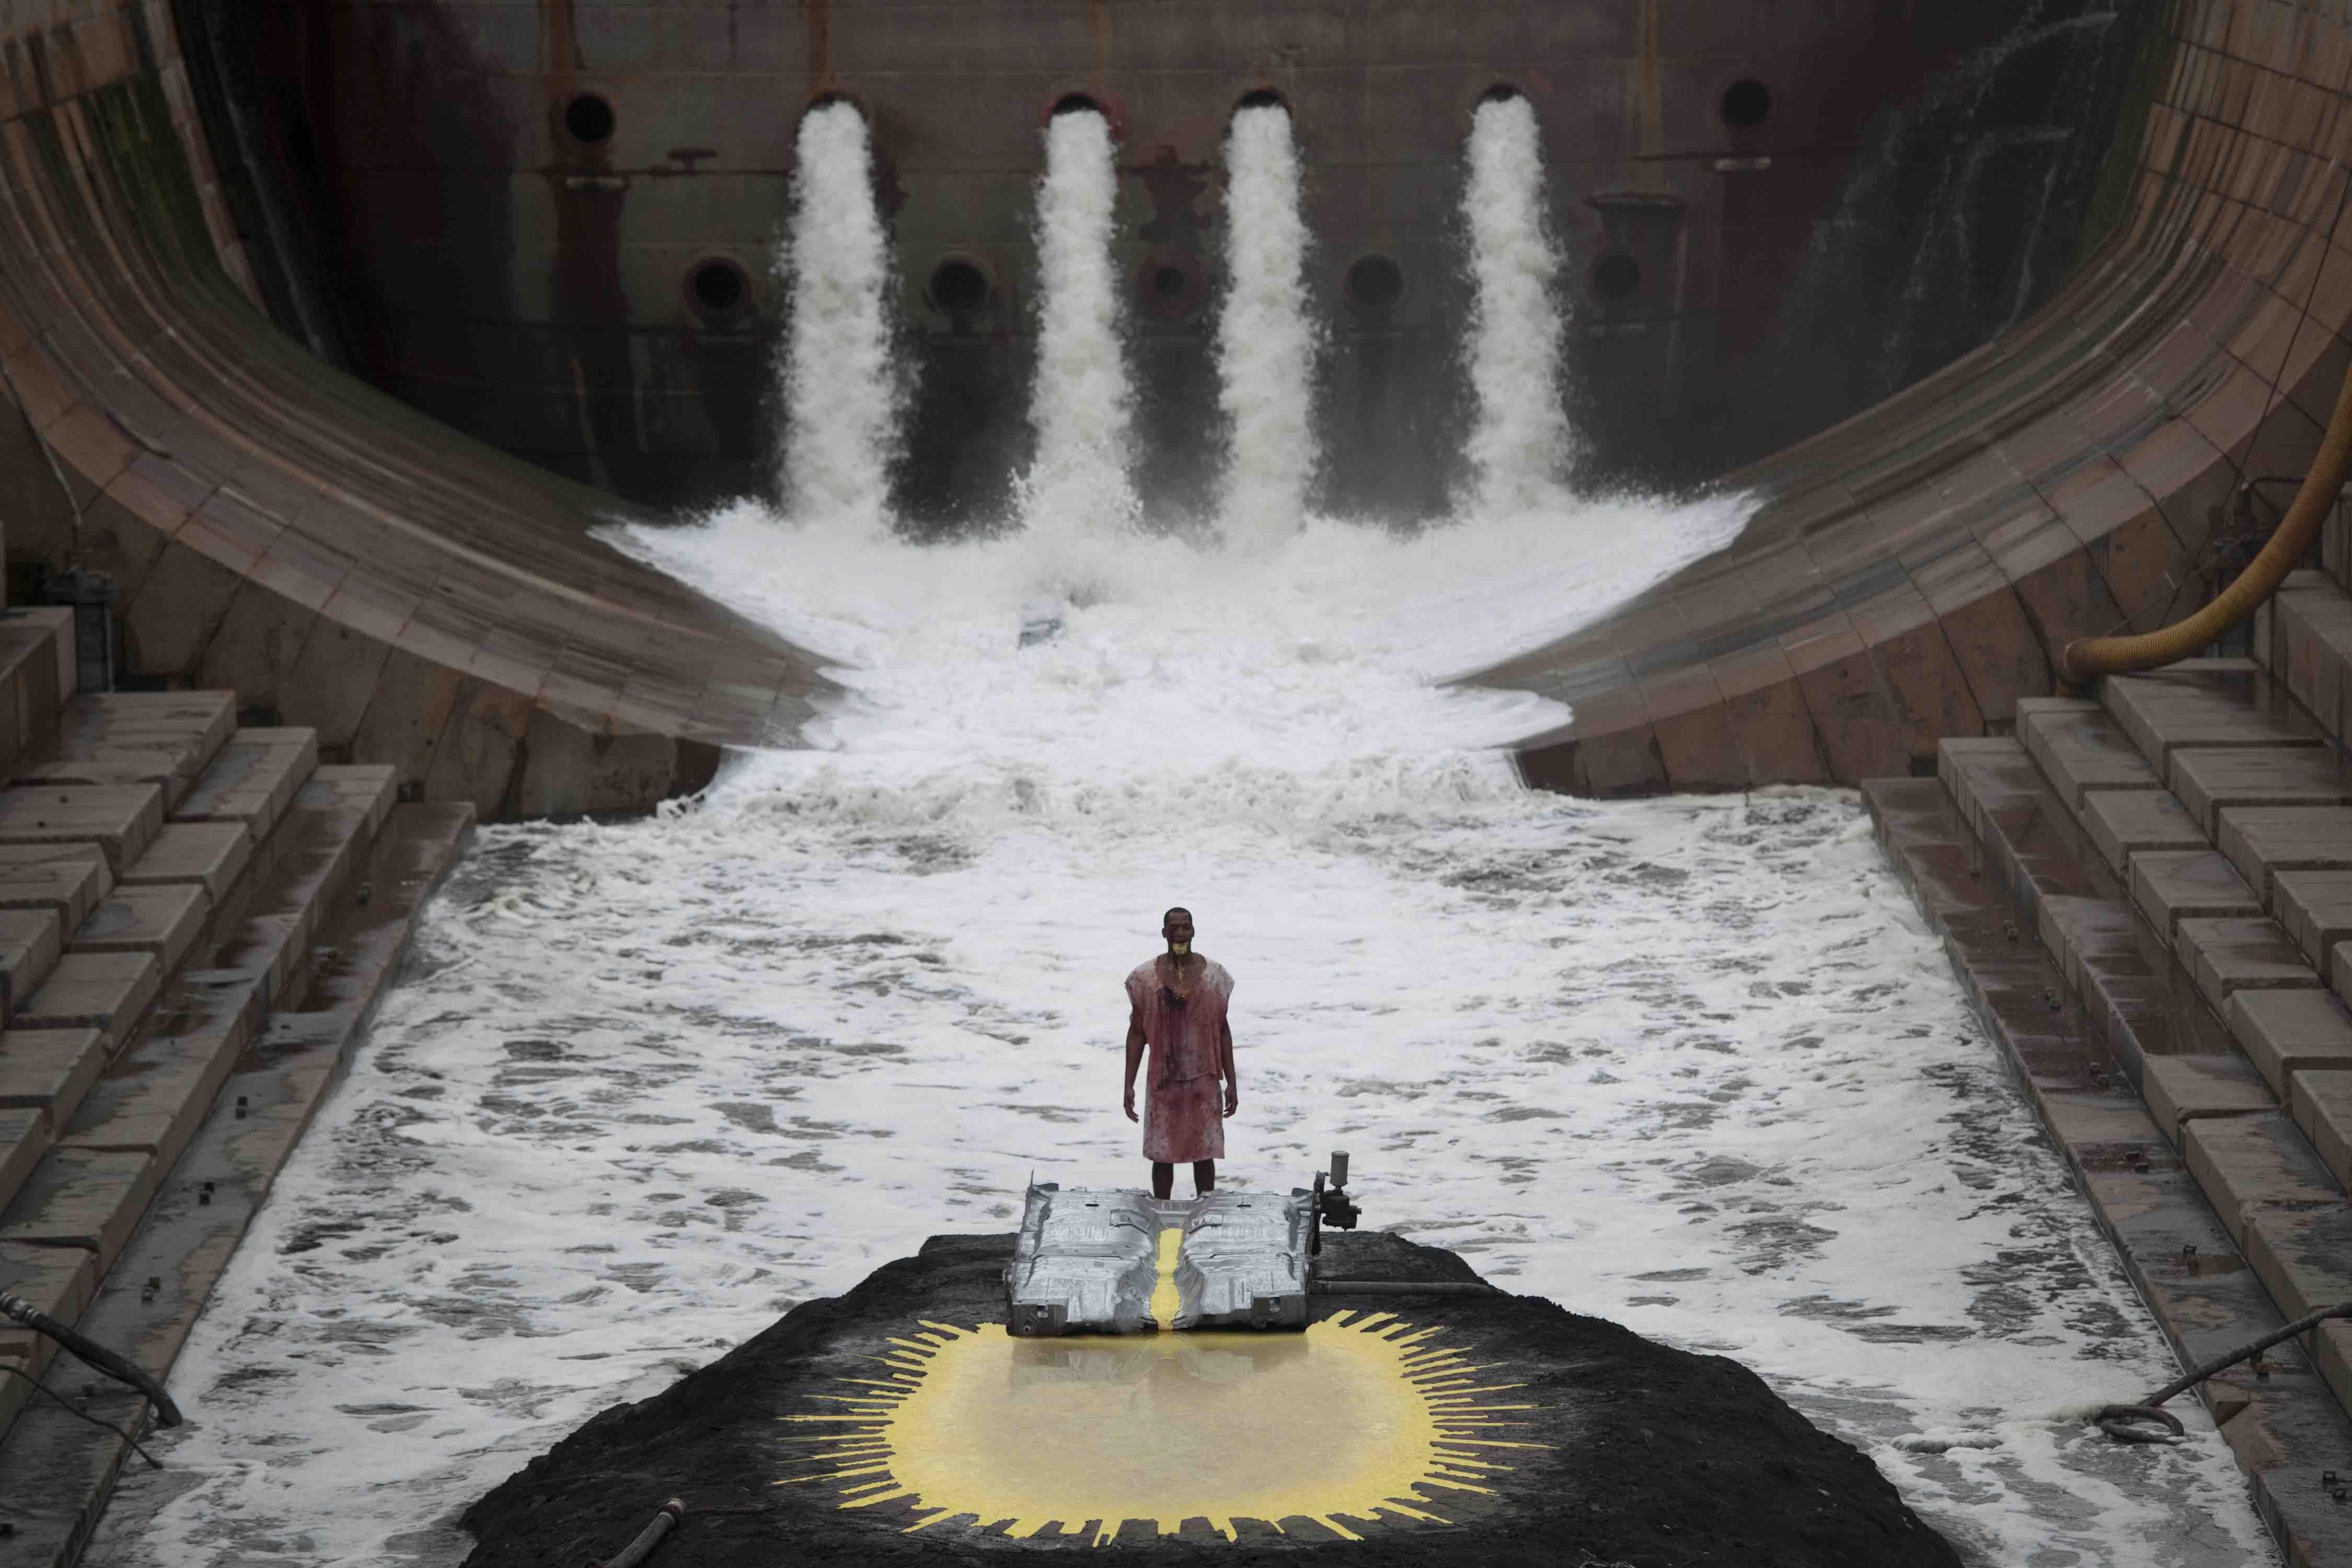 マシュー・バーニー&ジョナサン・べプラー『RIVER OF FUNDAMENT』大阪市中央公会堂(国指定重要文化財)特別上映